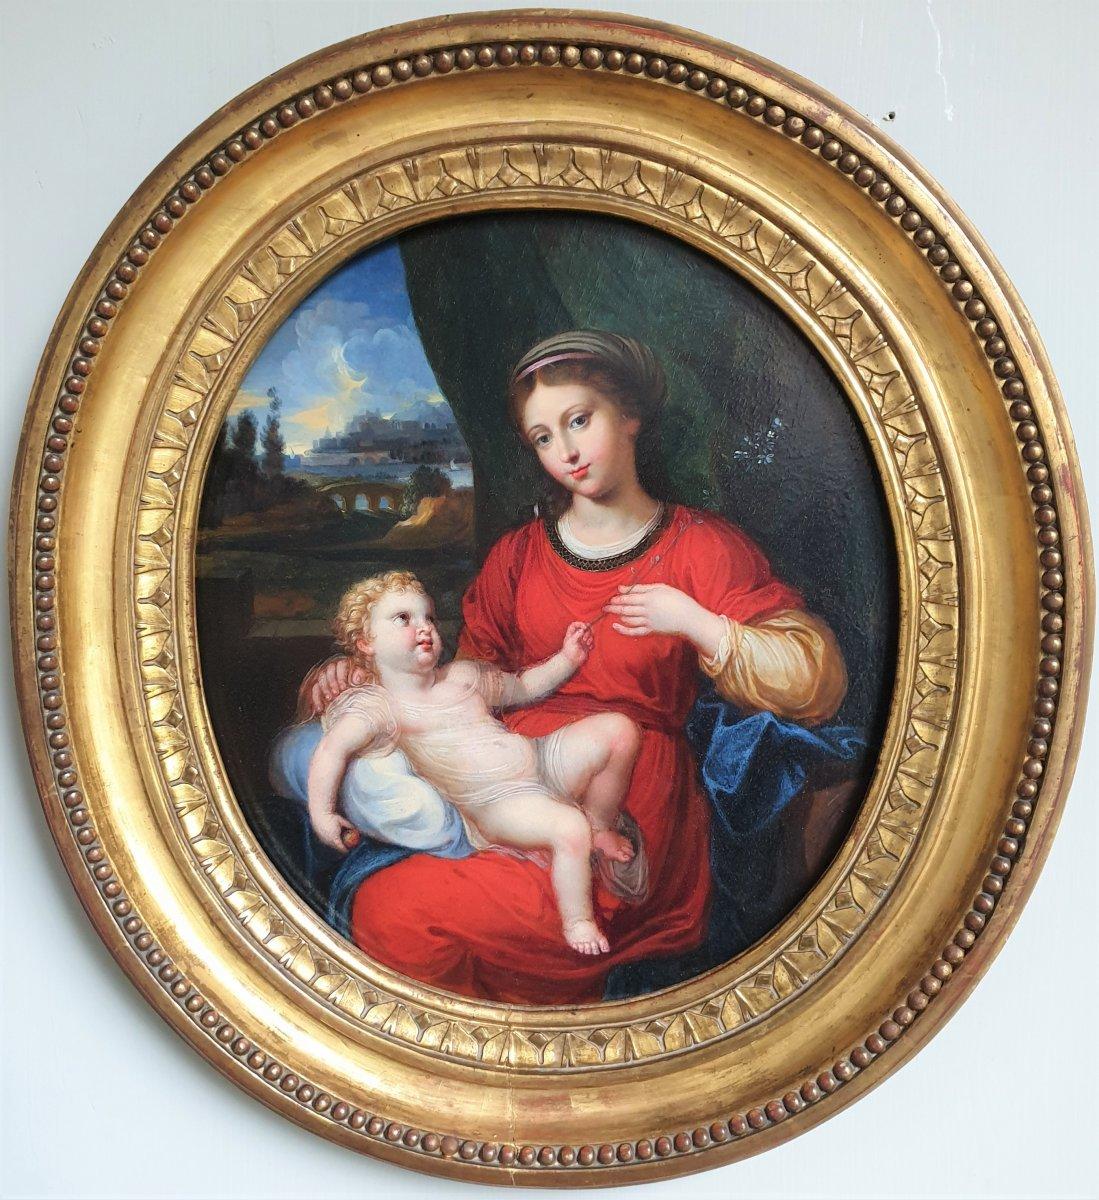 Virgin And Child, Around 1700